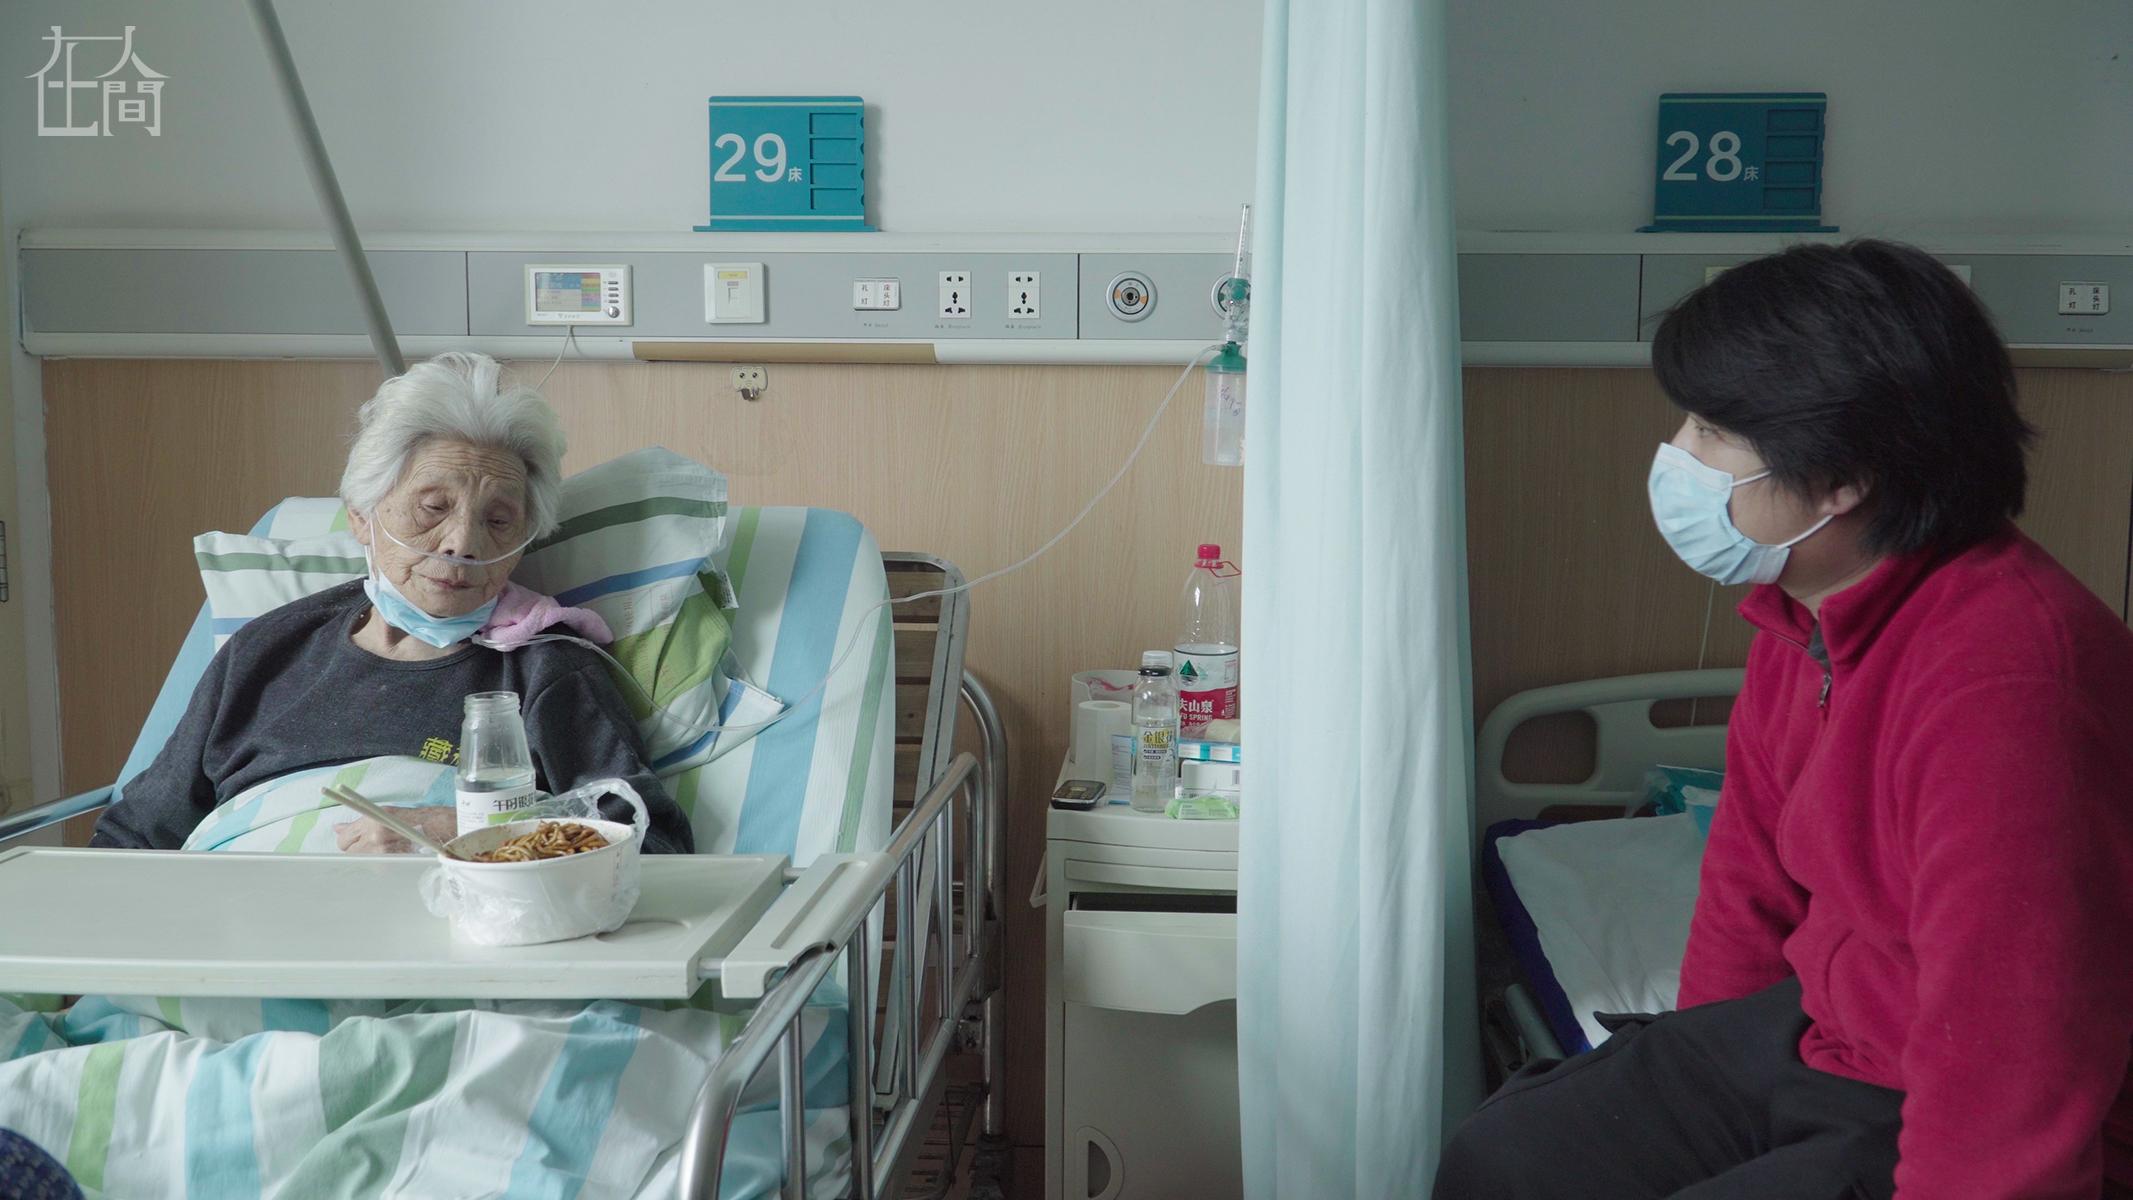 在人间| 爷爷因新冠去世,奶奶念叨:我在这里坐着,想着他在那里